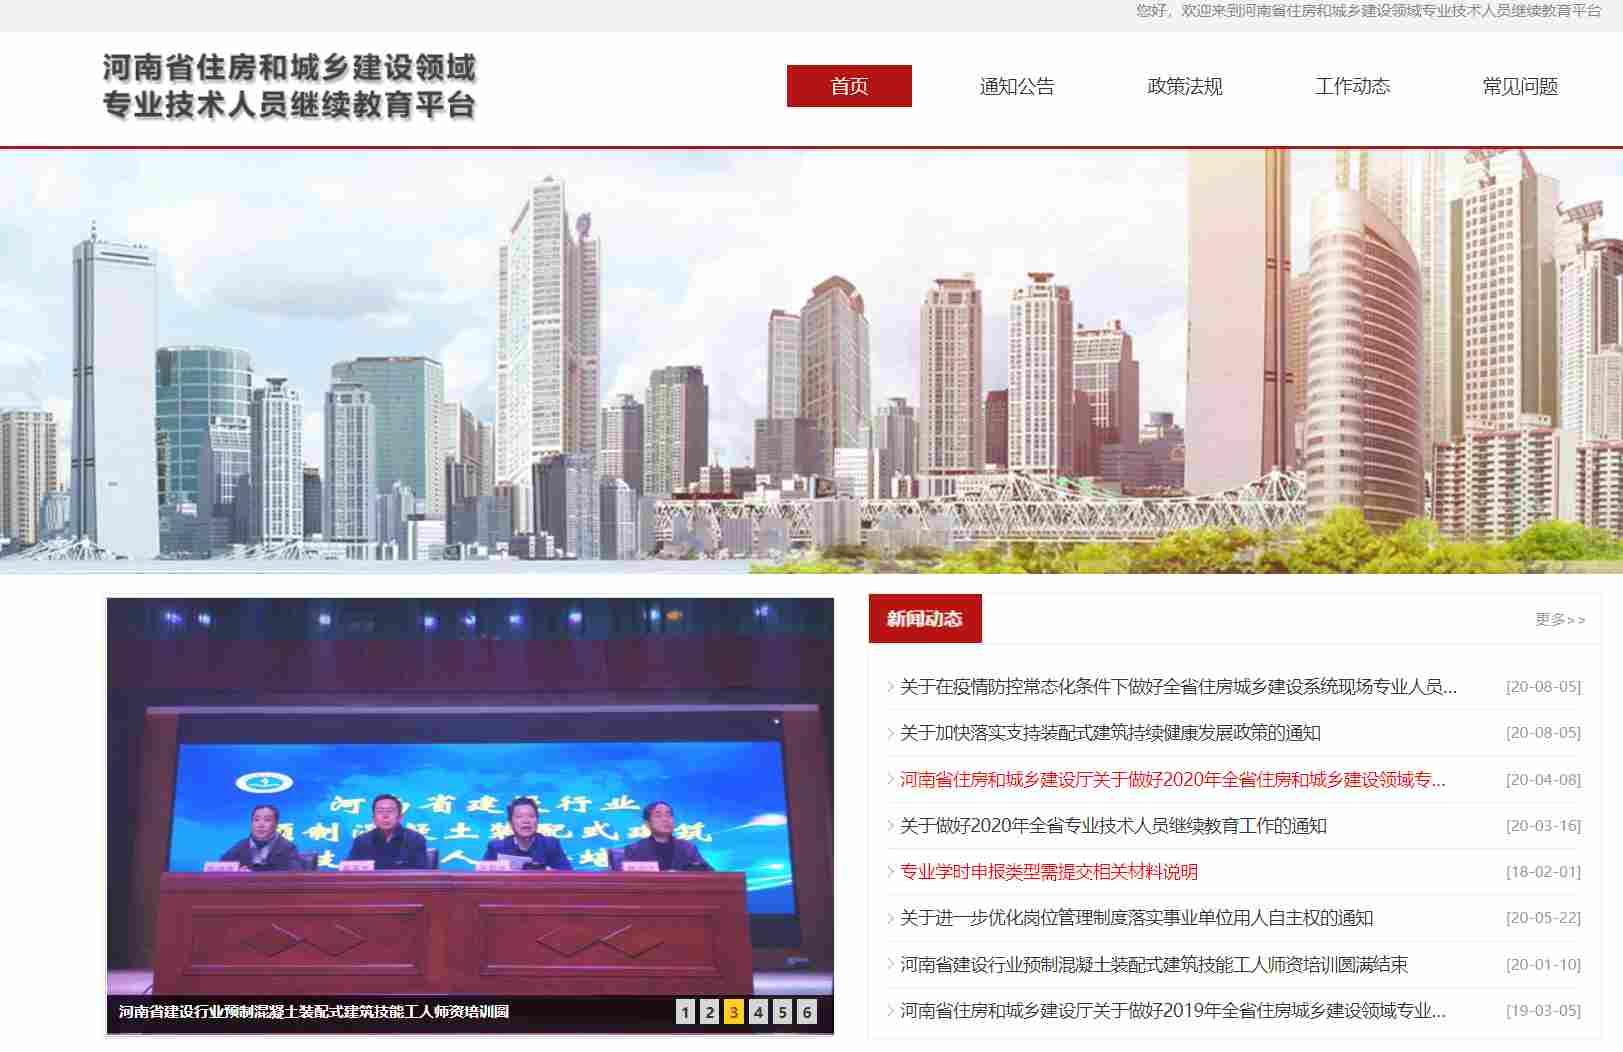 河南省住房和城乡建设现场专业人员继续教育网课代学